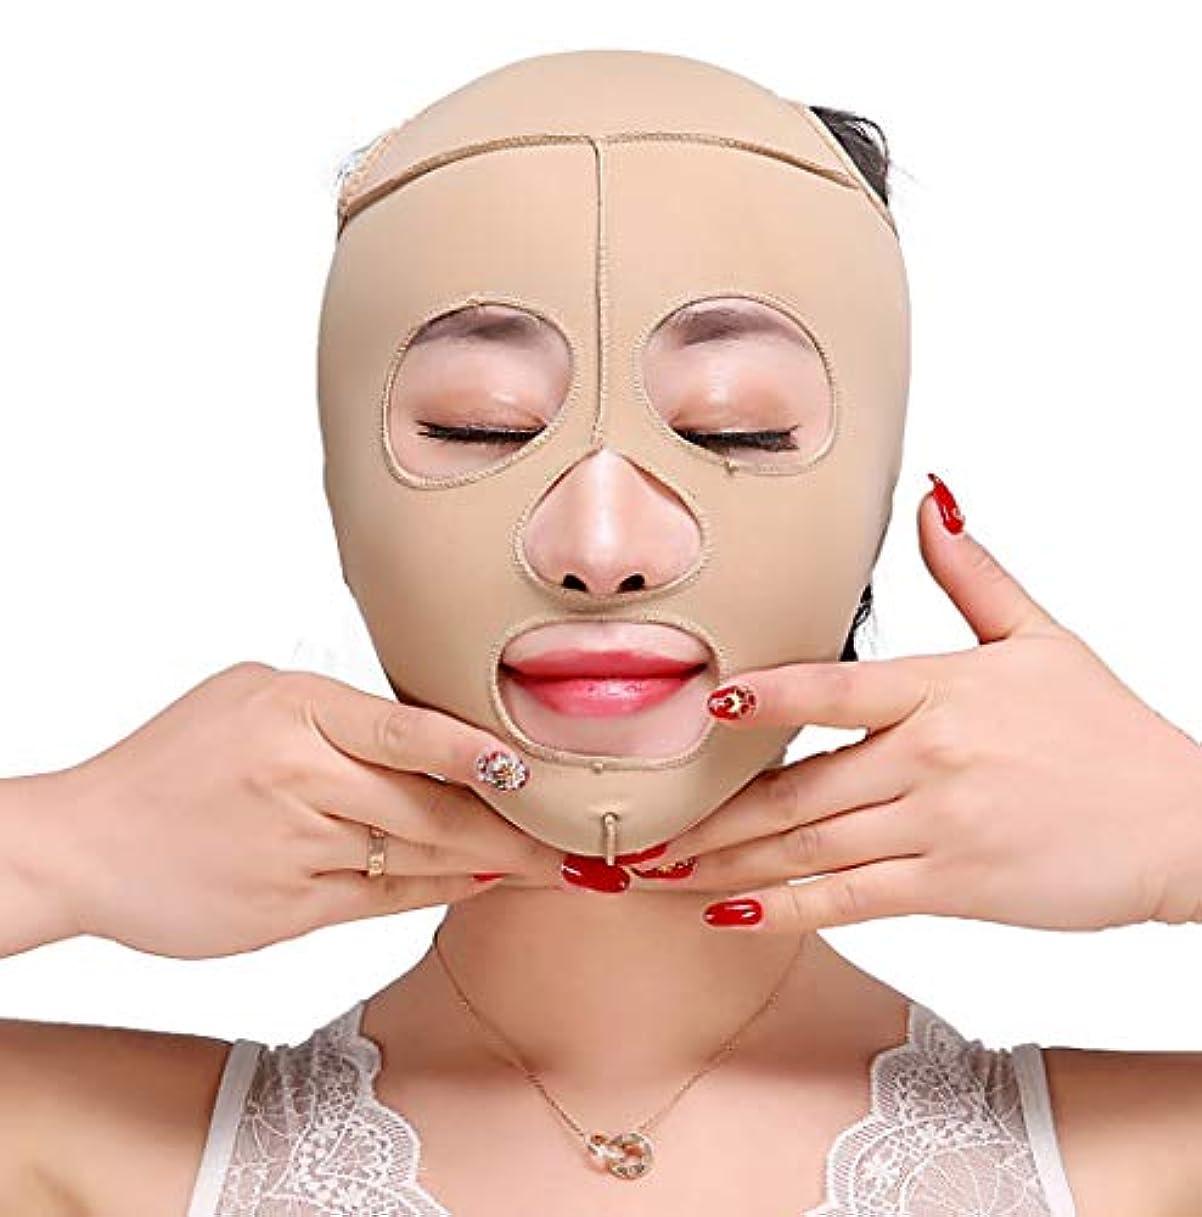 ジェット導出レトルトTLMY 痩身ベルト痩身ベルト薄い顔の包帯小V顔の顔の薄い顔のマスク包帯の強化引き締めV顔美容マスク小さな顔の包帯の頭飾り修正顔の形 顔用整形マスク (Size : M)